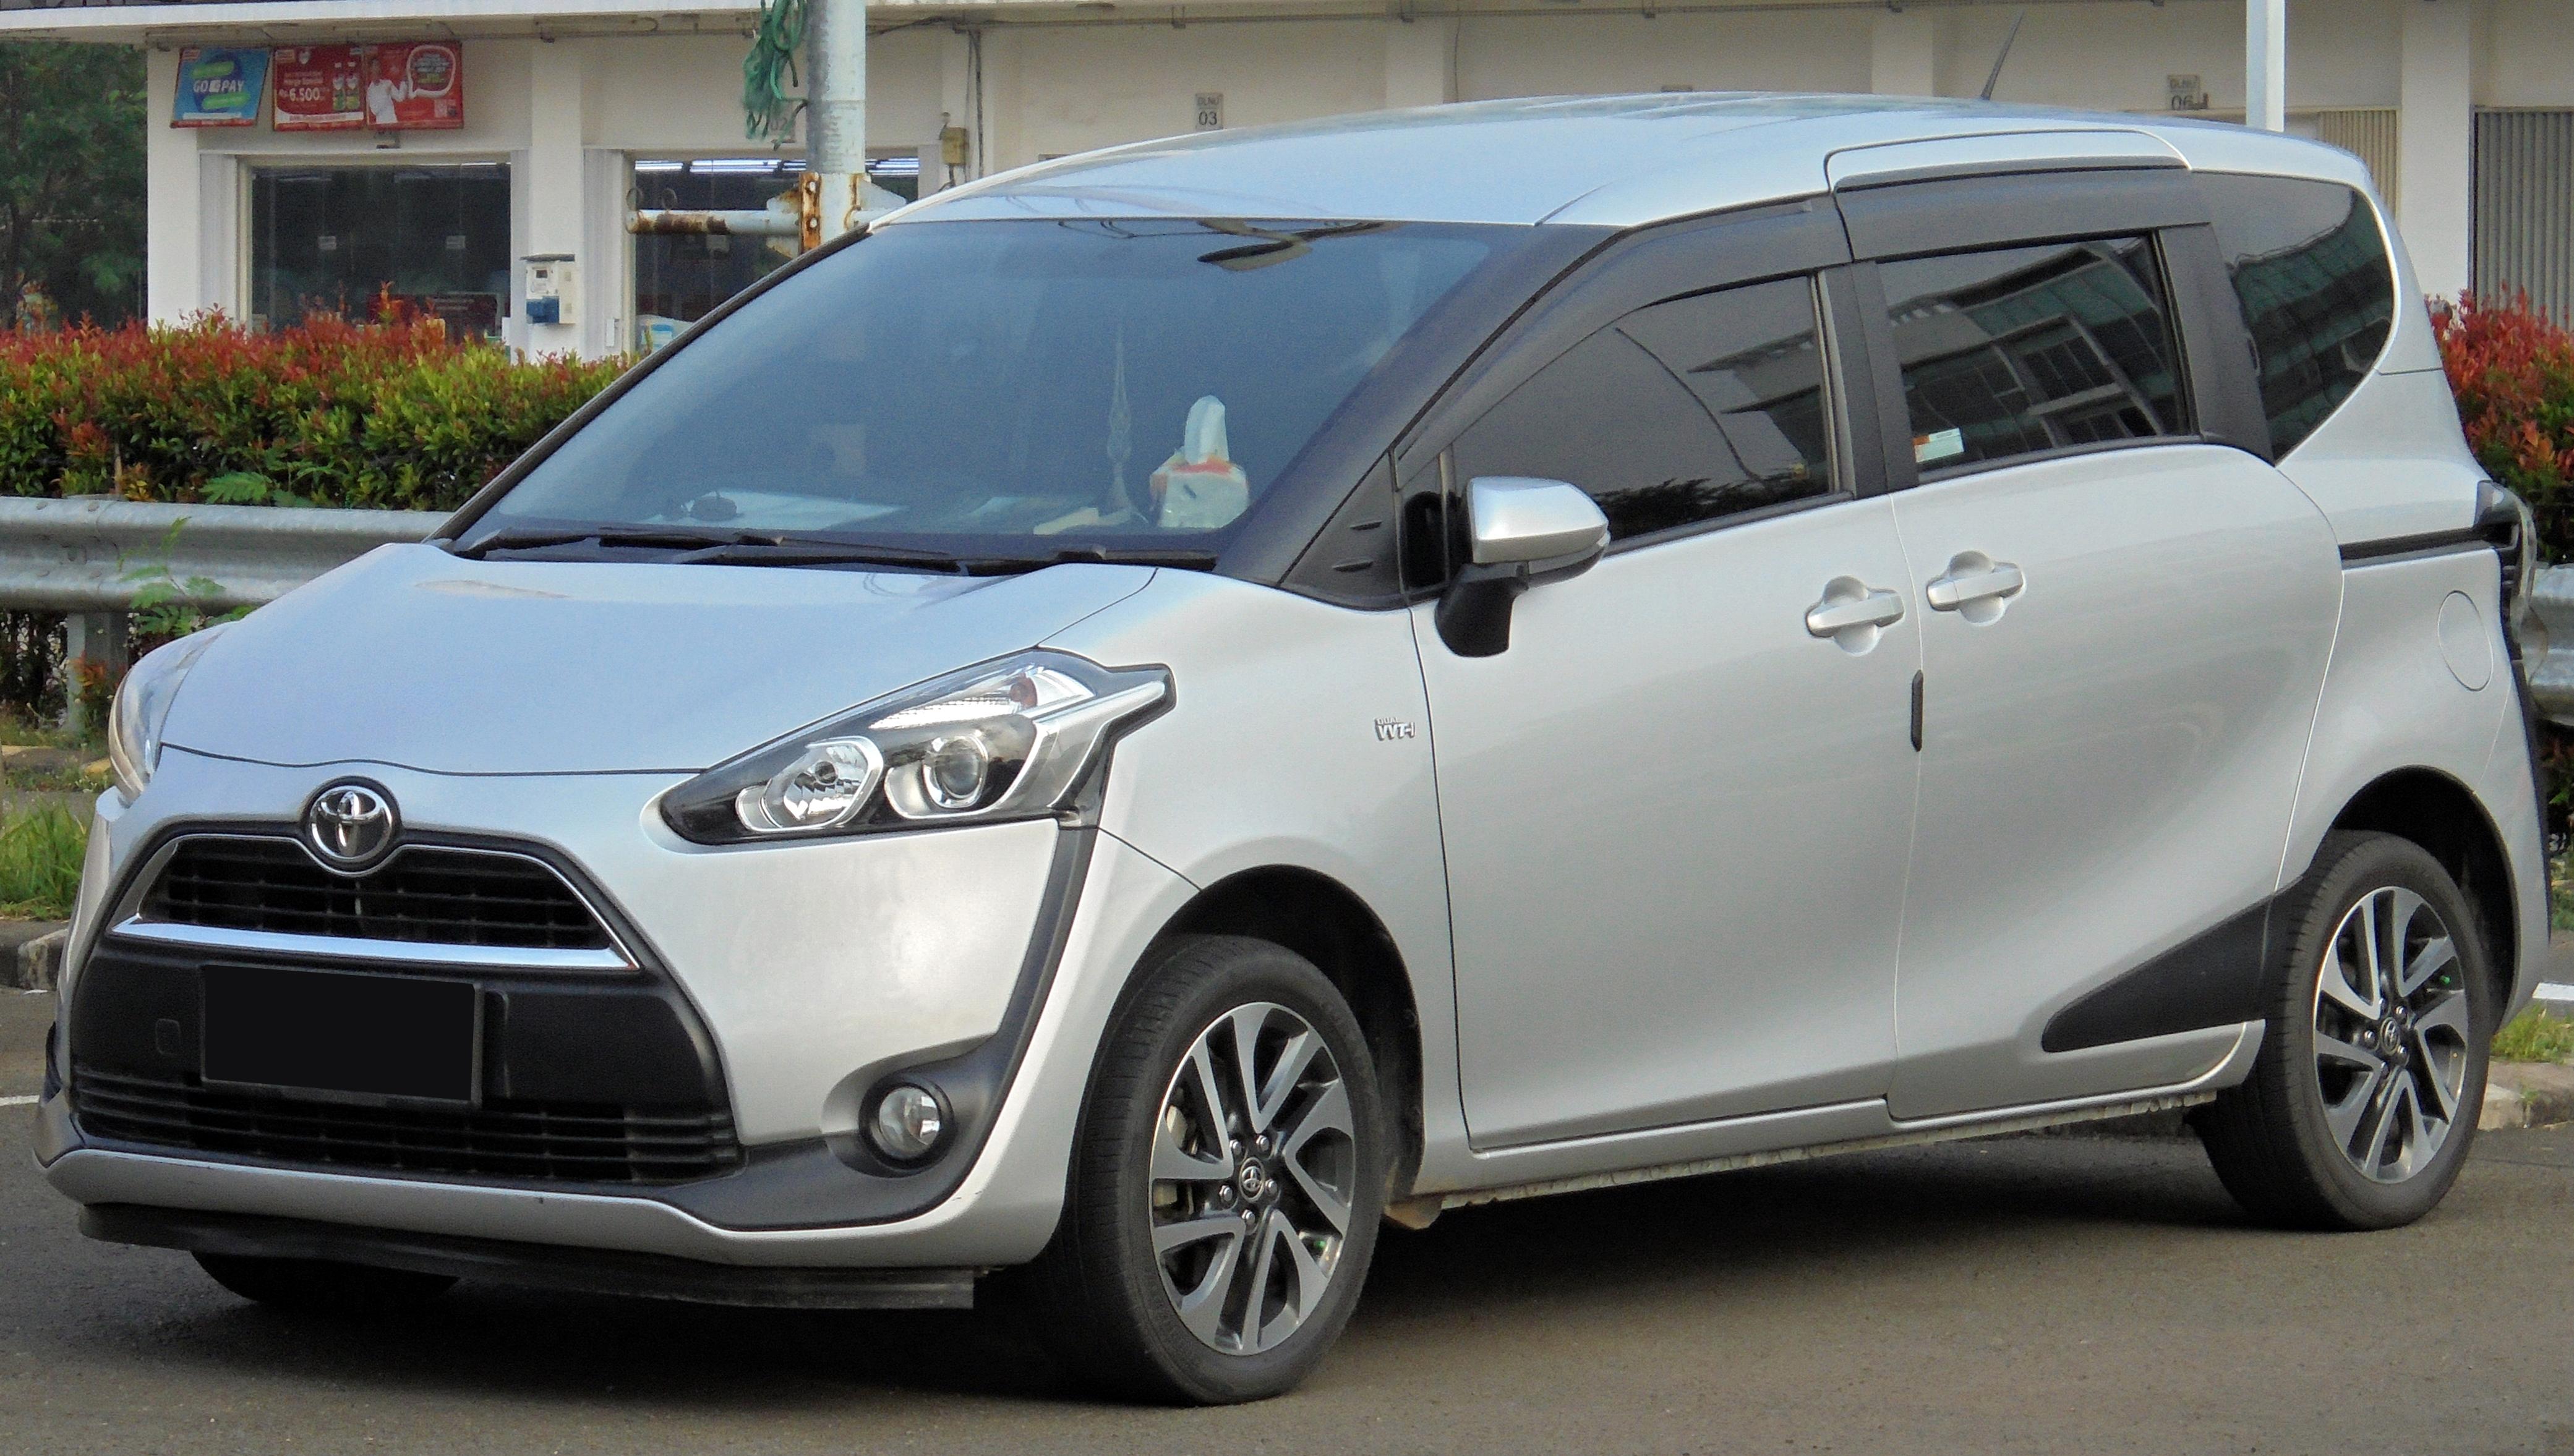 Toyota Matrix Fuse Box Diagram Car Pictures